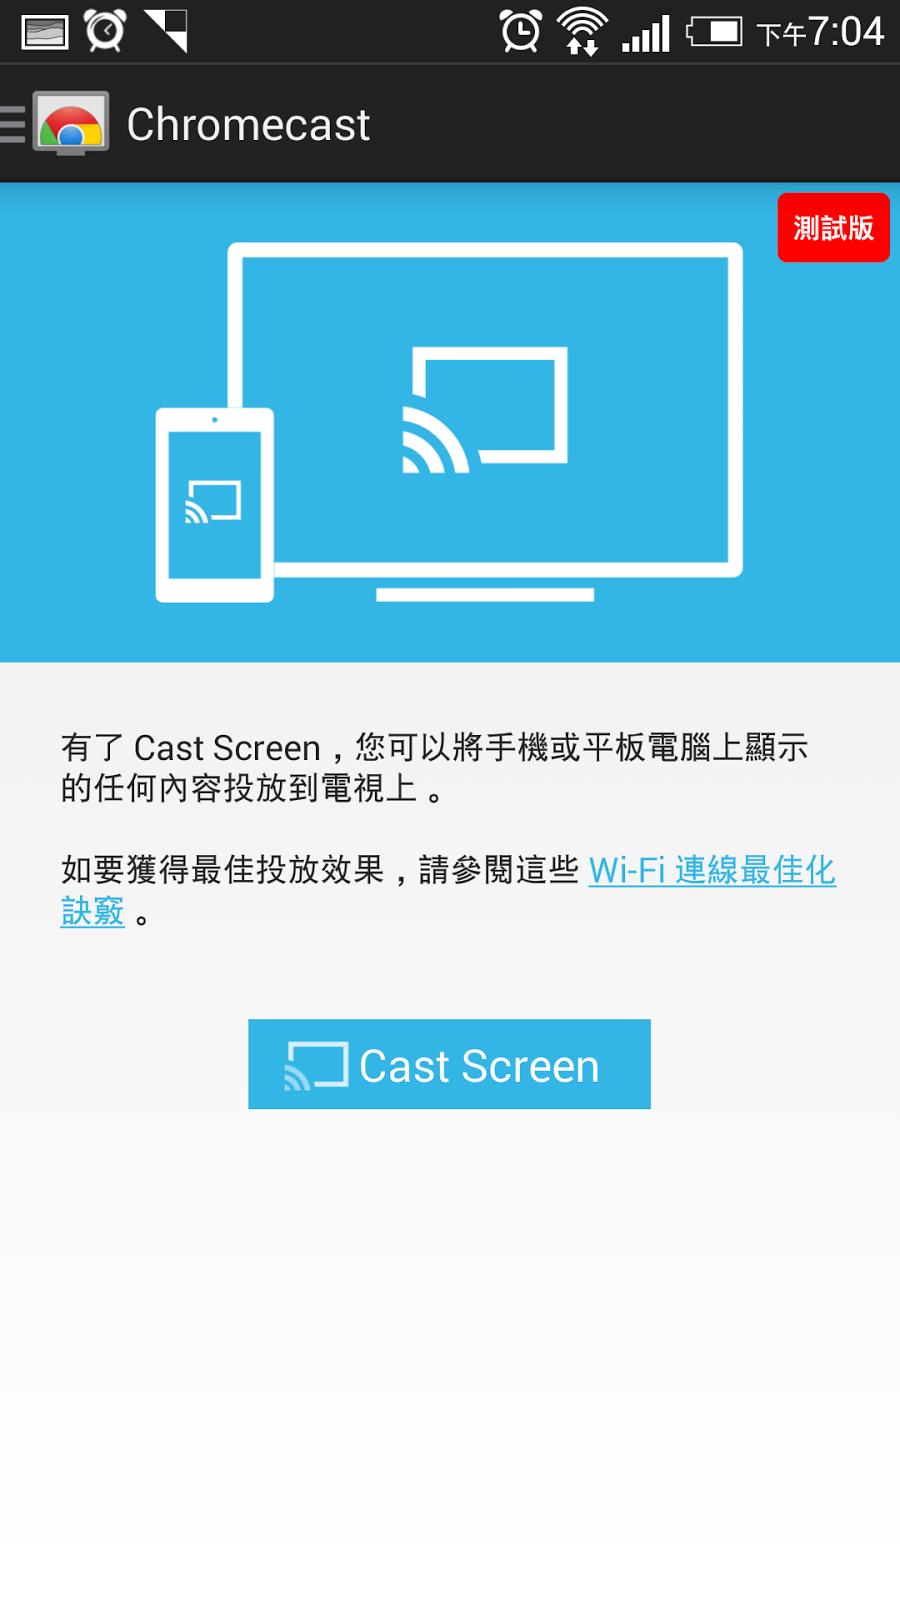 改變行動工作!電腦玩物 2014 最佳 Android App 推薦 Google%2BChromecast-10